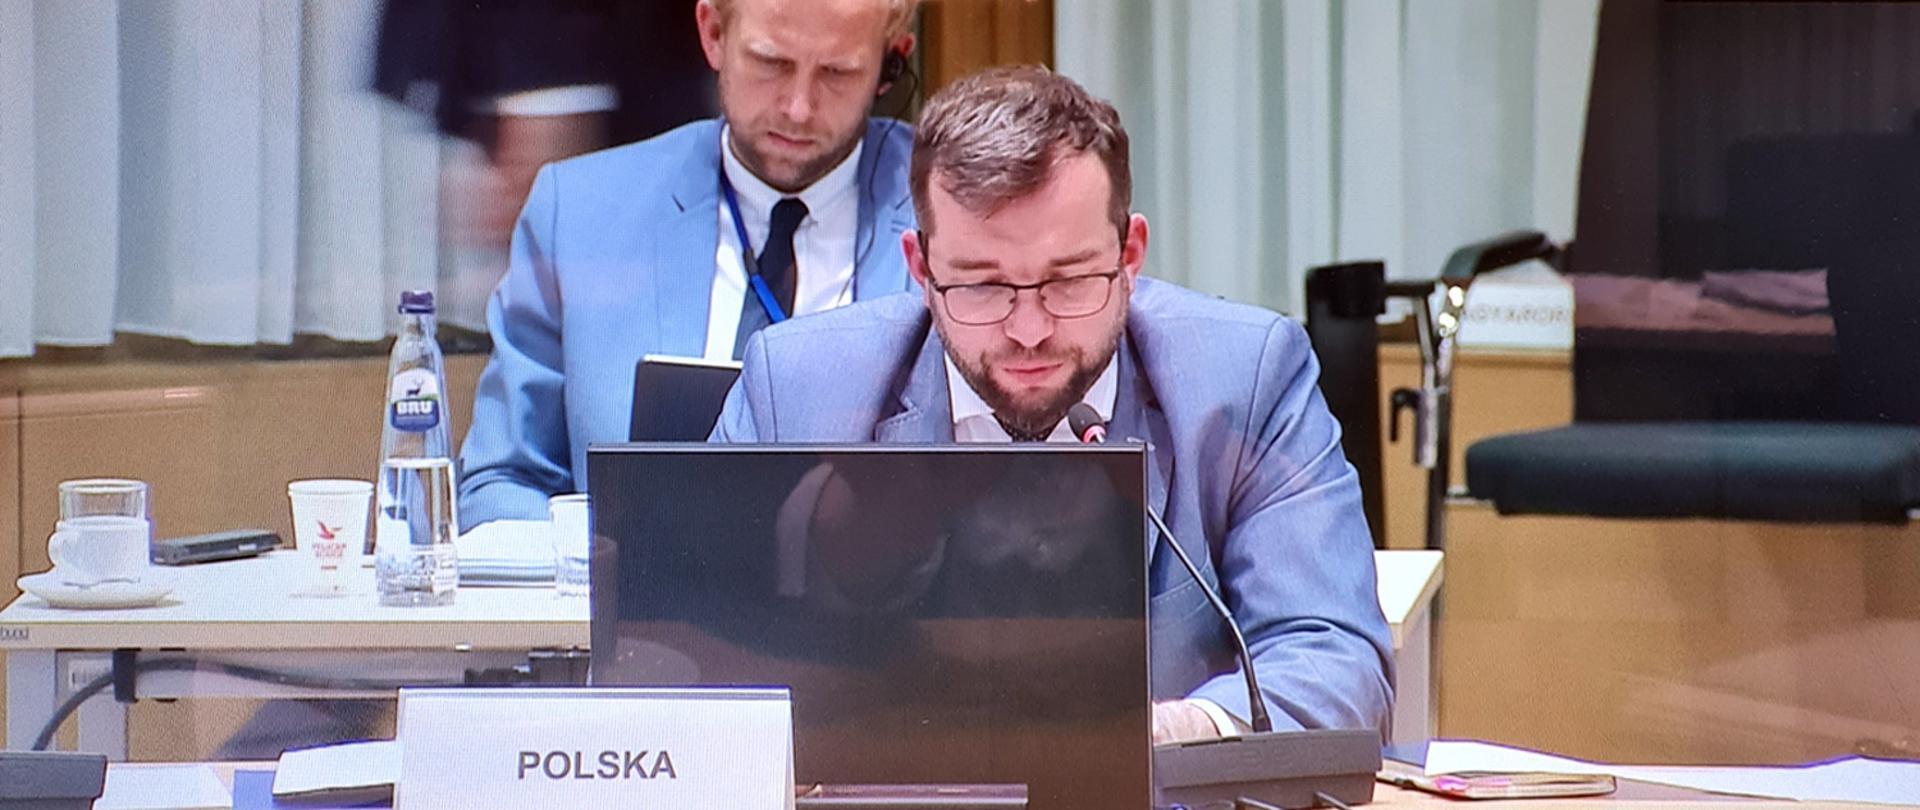 Minister Grzegorz Puda siedzący przy laptopie podczas obrad